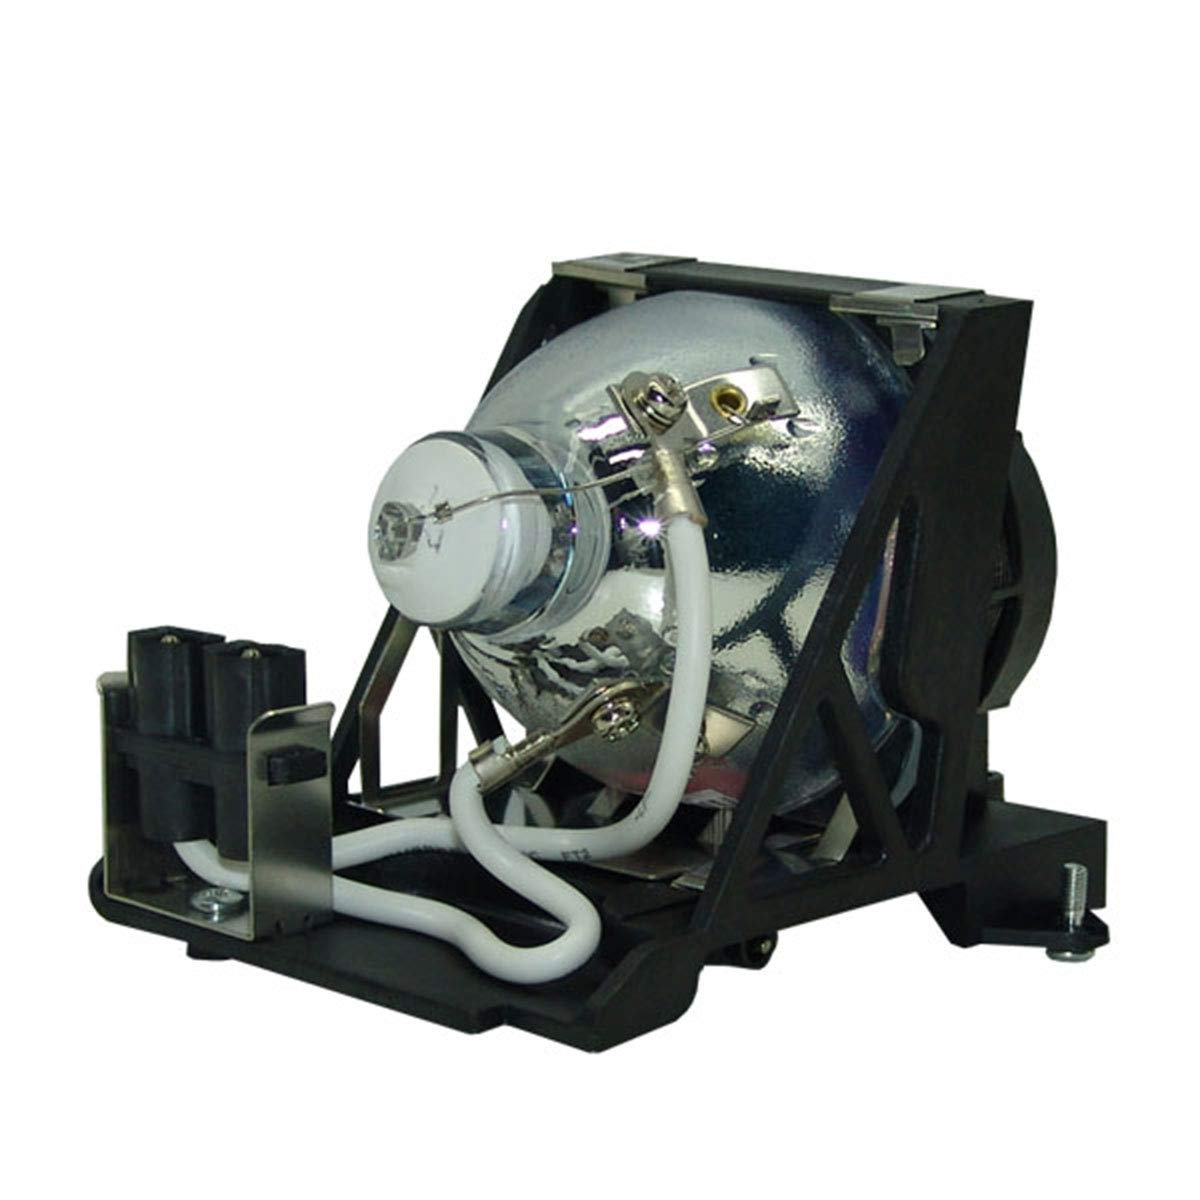 HCDZ 3LCD Projector Replacement lamp Unit Module for Sanyo POA-LMP47 PLC-XP41L PLC-XP46L